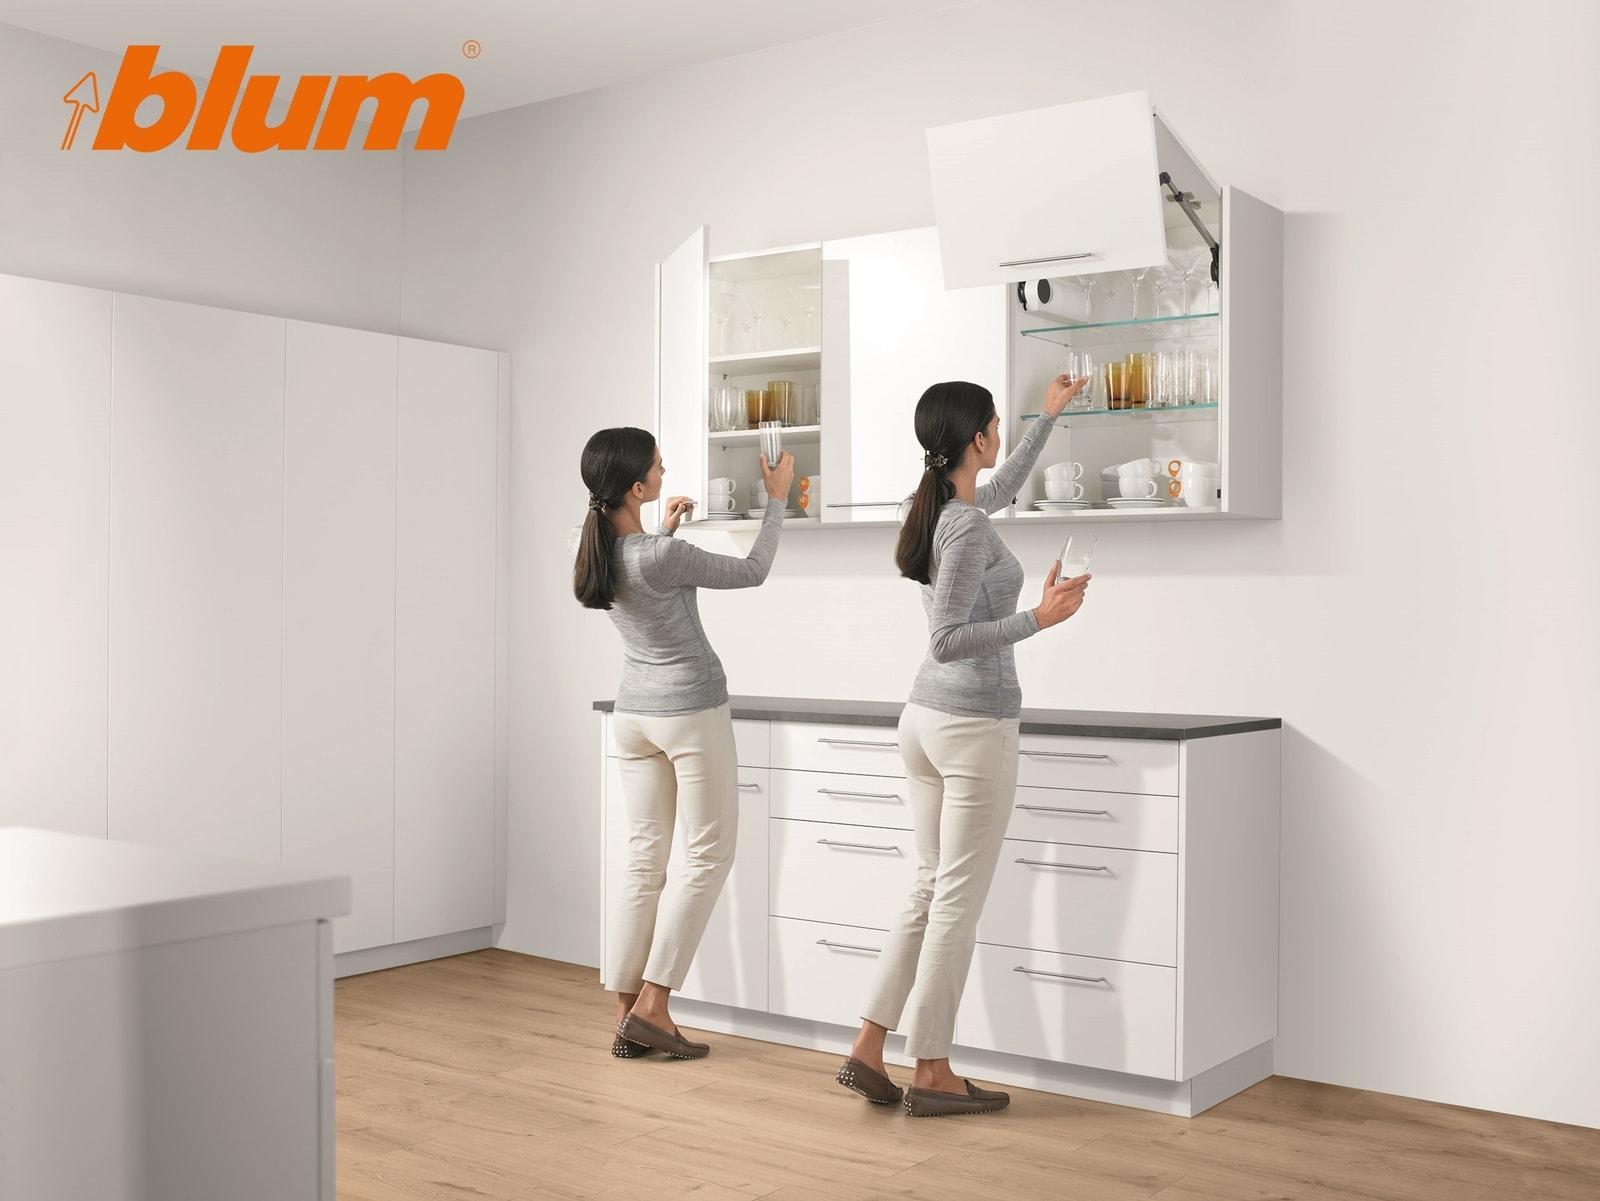 Kitchen cabinet accessories blum - Kitchen Accessories By Blum Innovative Kitchen Cabinets Door Opening And Closing Hardware By Blum